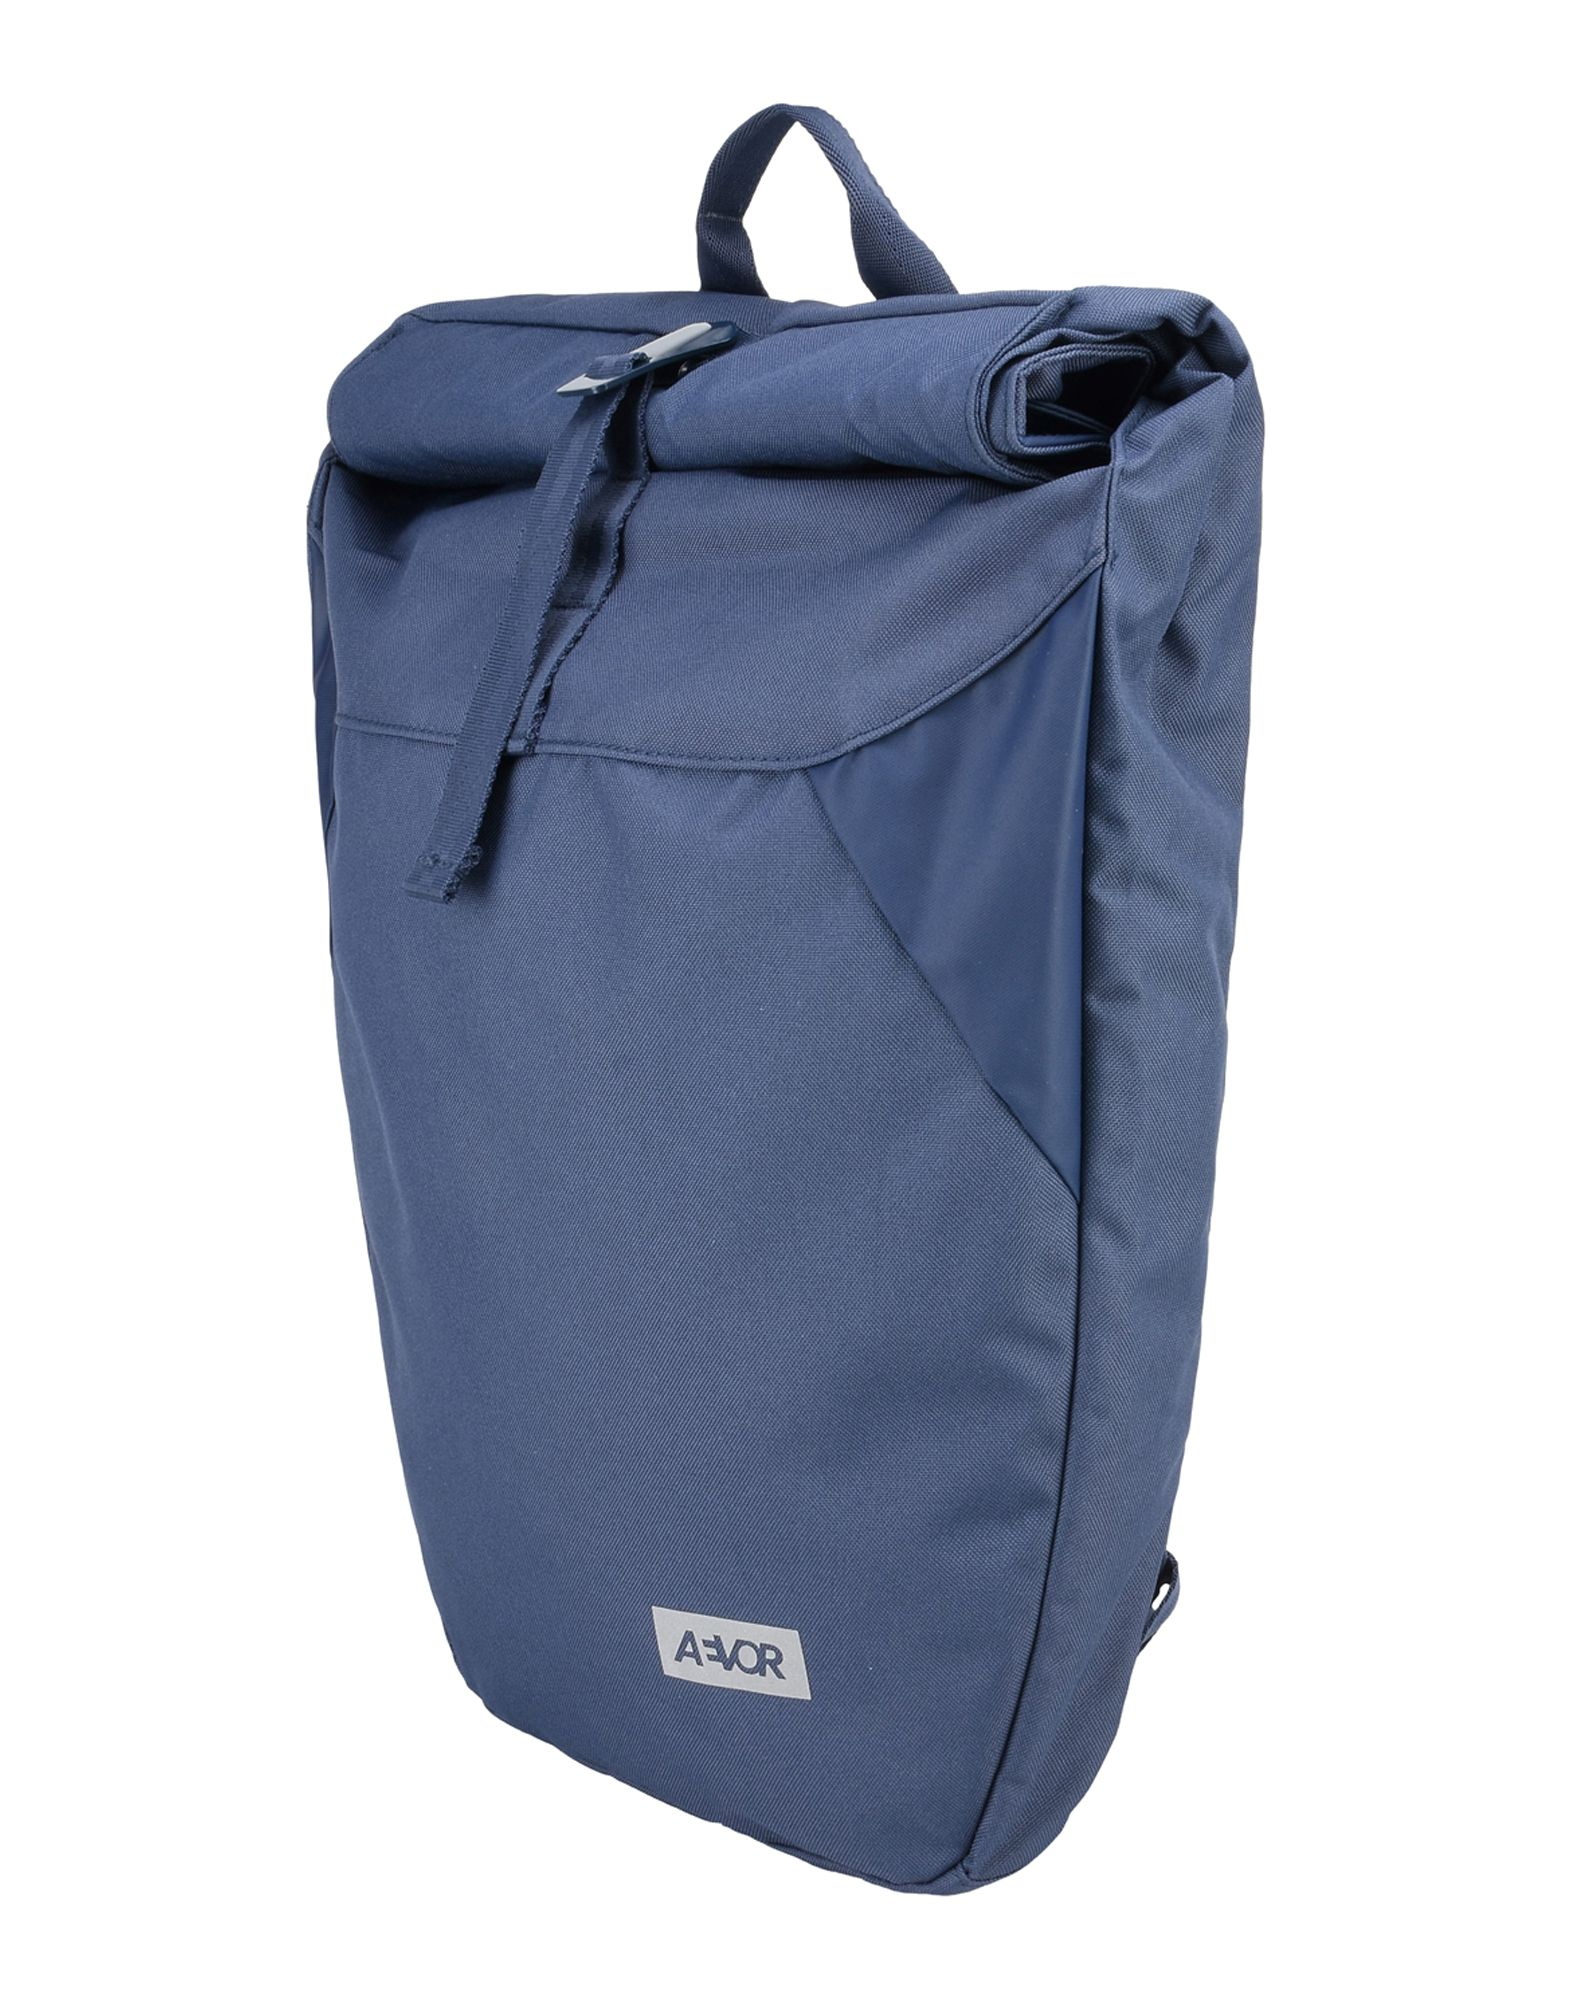 8dfe12cca61d 《限定セール中》AEVOR Unisex バックパック&ヒップバッグ ブルー ポリエステル 100%